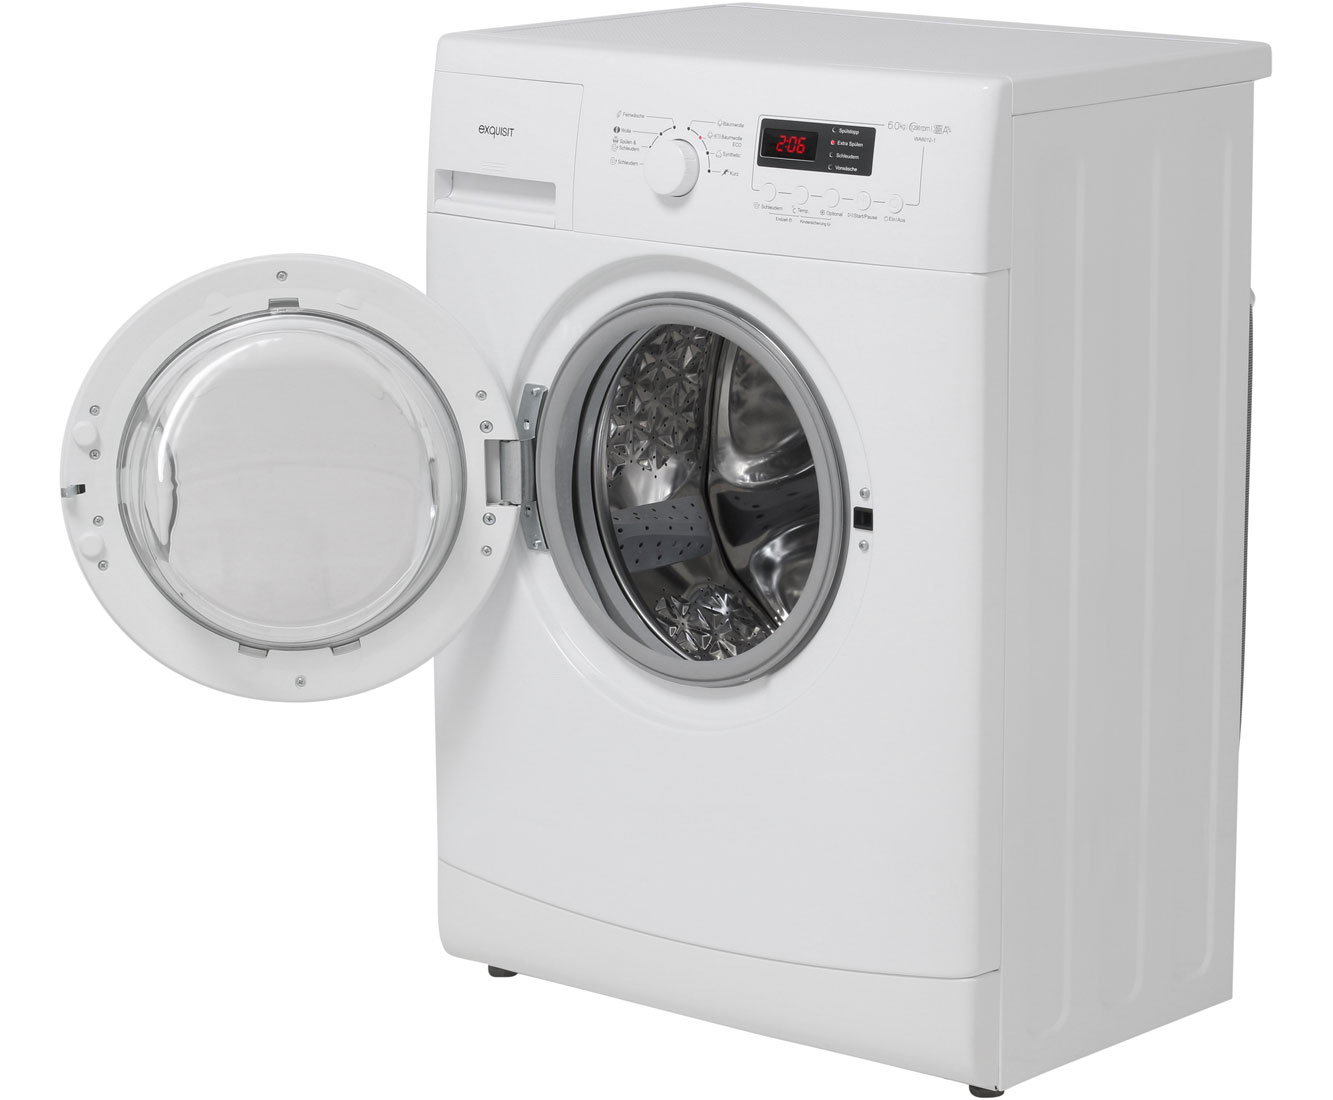 Exquisit WA 6012-1 Waschmaschine Freistehend Weiß Neu